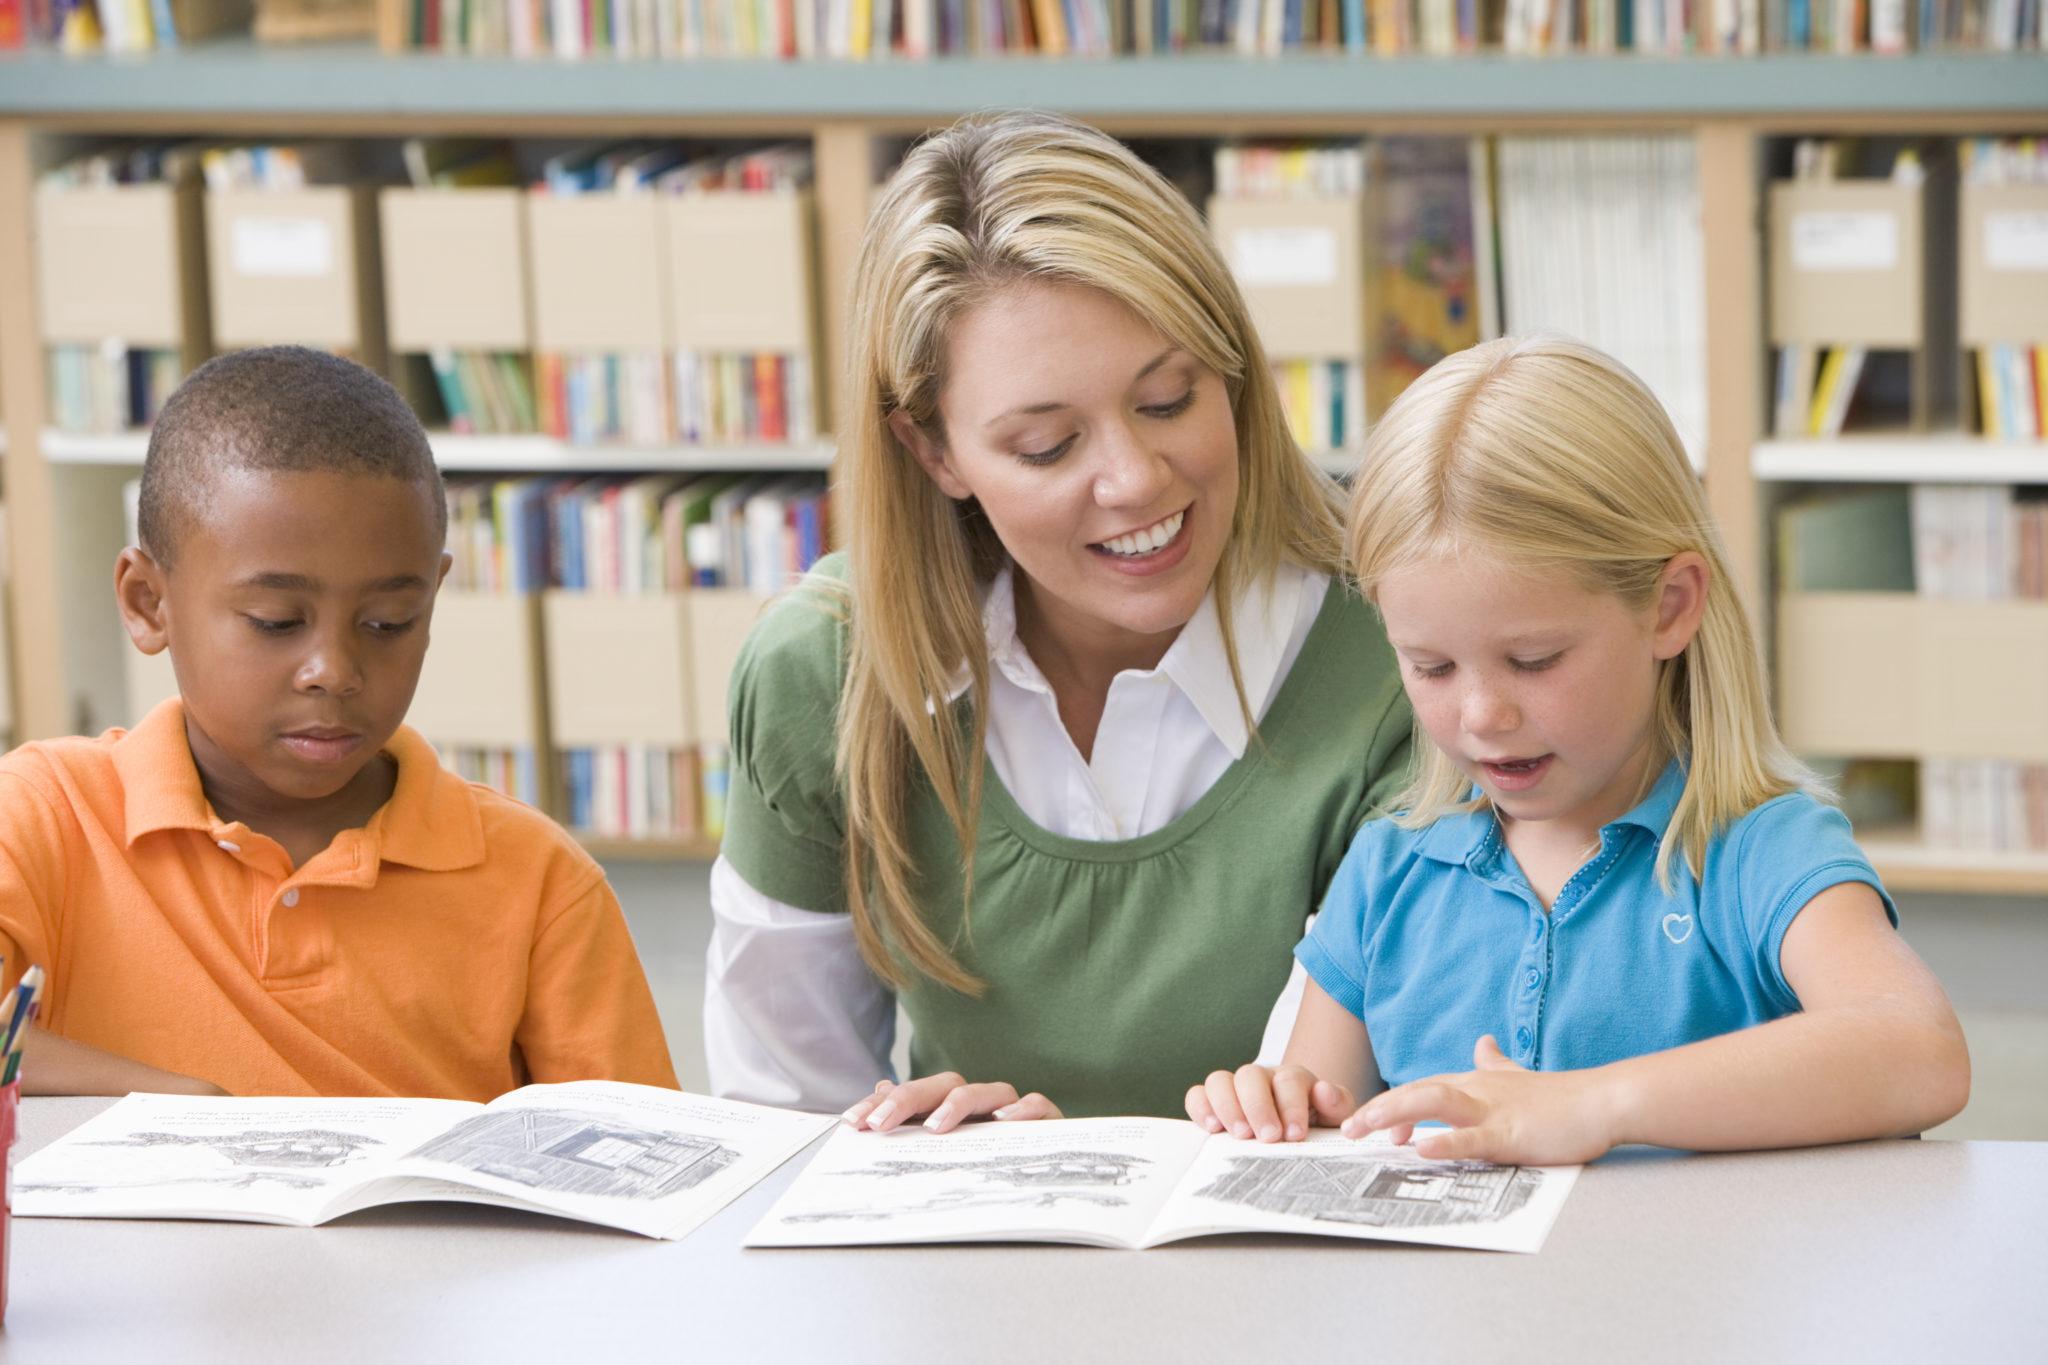 ¿Cuándo buscar empleo de profesor? Te explicamos cuales son los mejores meses para buscar empleo docente. Sabrás cuando enviar el CV a los colegios-CVExpres